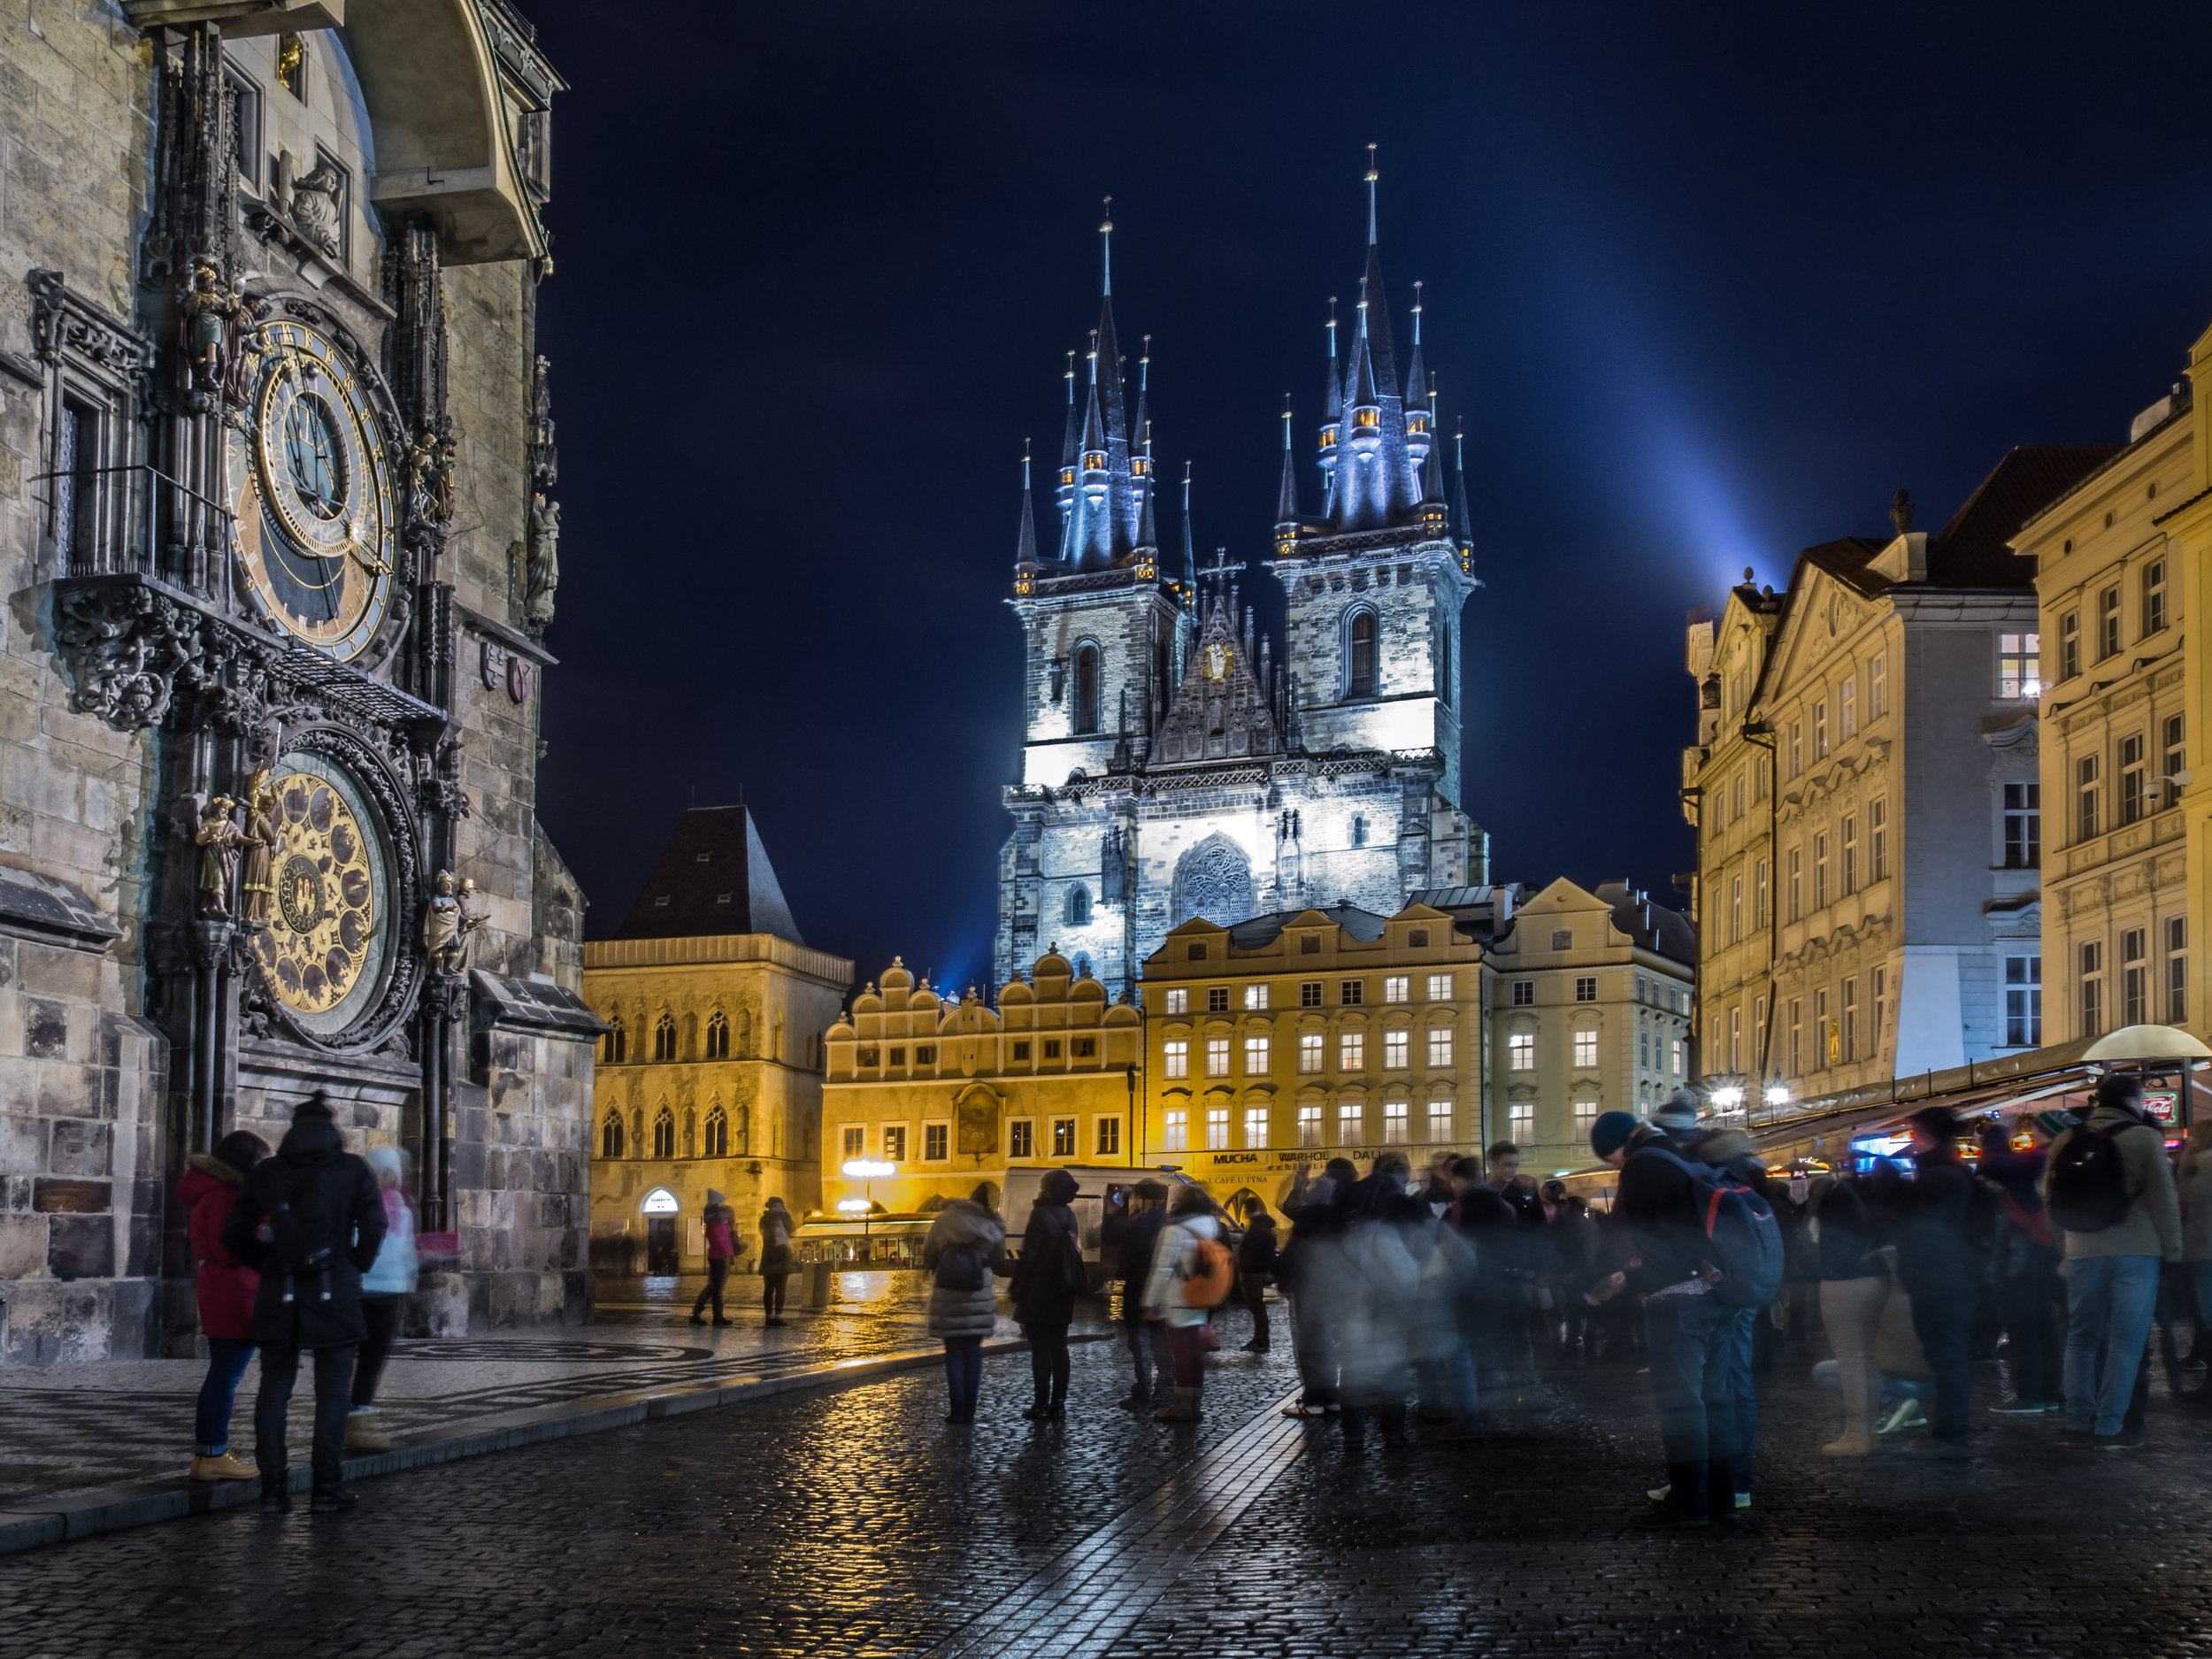 Praga, Chechia - Conocida como una de las ciudades mágicas de Europa, durante las Navidades la capital de la República Checa se inunda de luces. Sus calles que parecen sacadas de un cuento de hadas se llenan de los colores y olores de la Navidad. Su mercado navideño, reconocido como uno de los más grandes y mejores de todo Europa añaden a la ya de por si encantadora ciudad, una razón más para visitarla. No olvides probar sus deliciosos postres típicos para esta época.